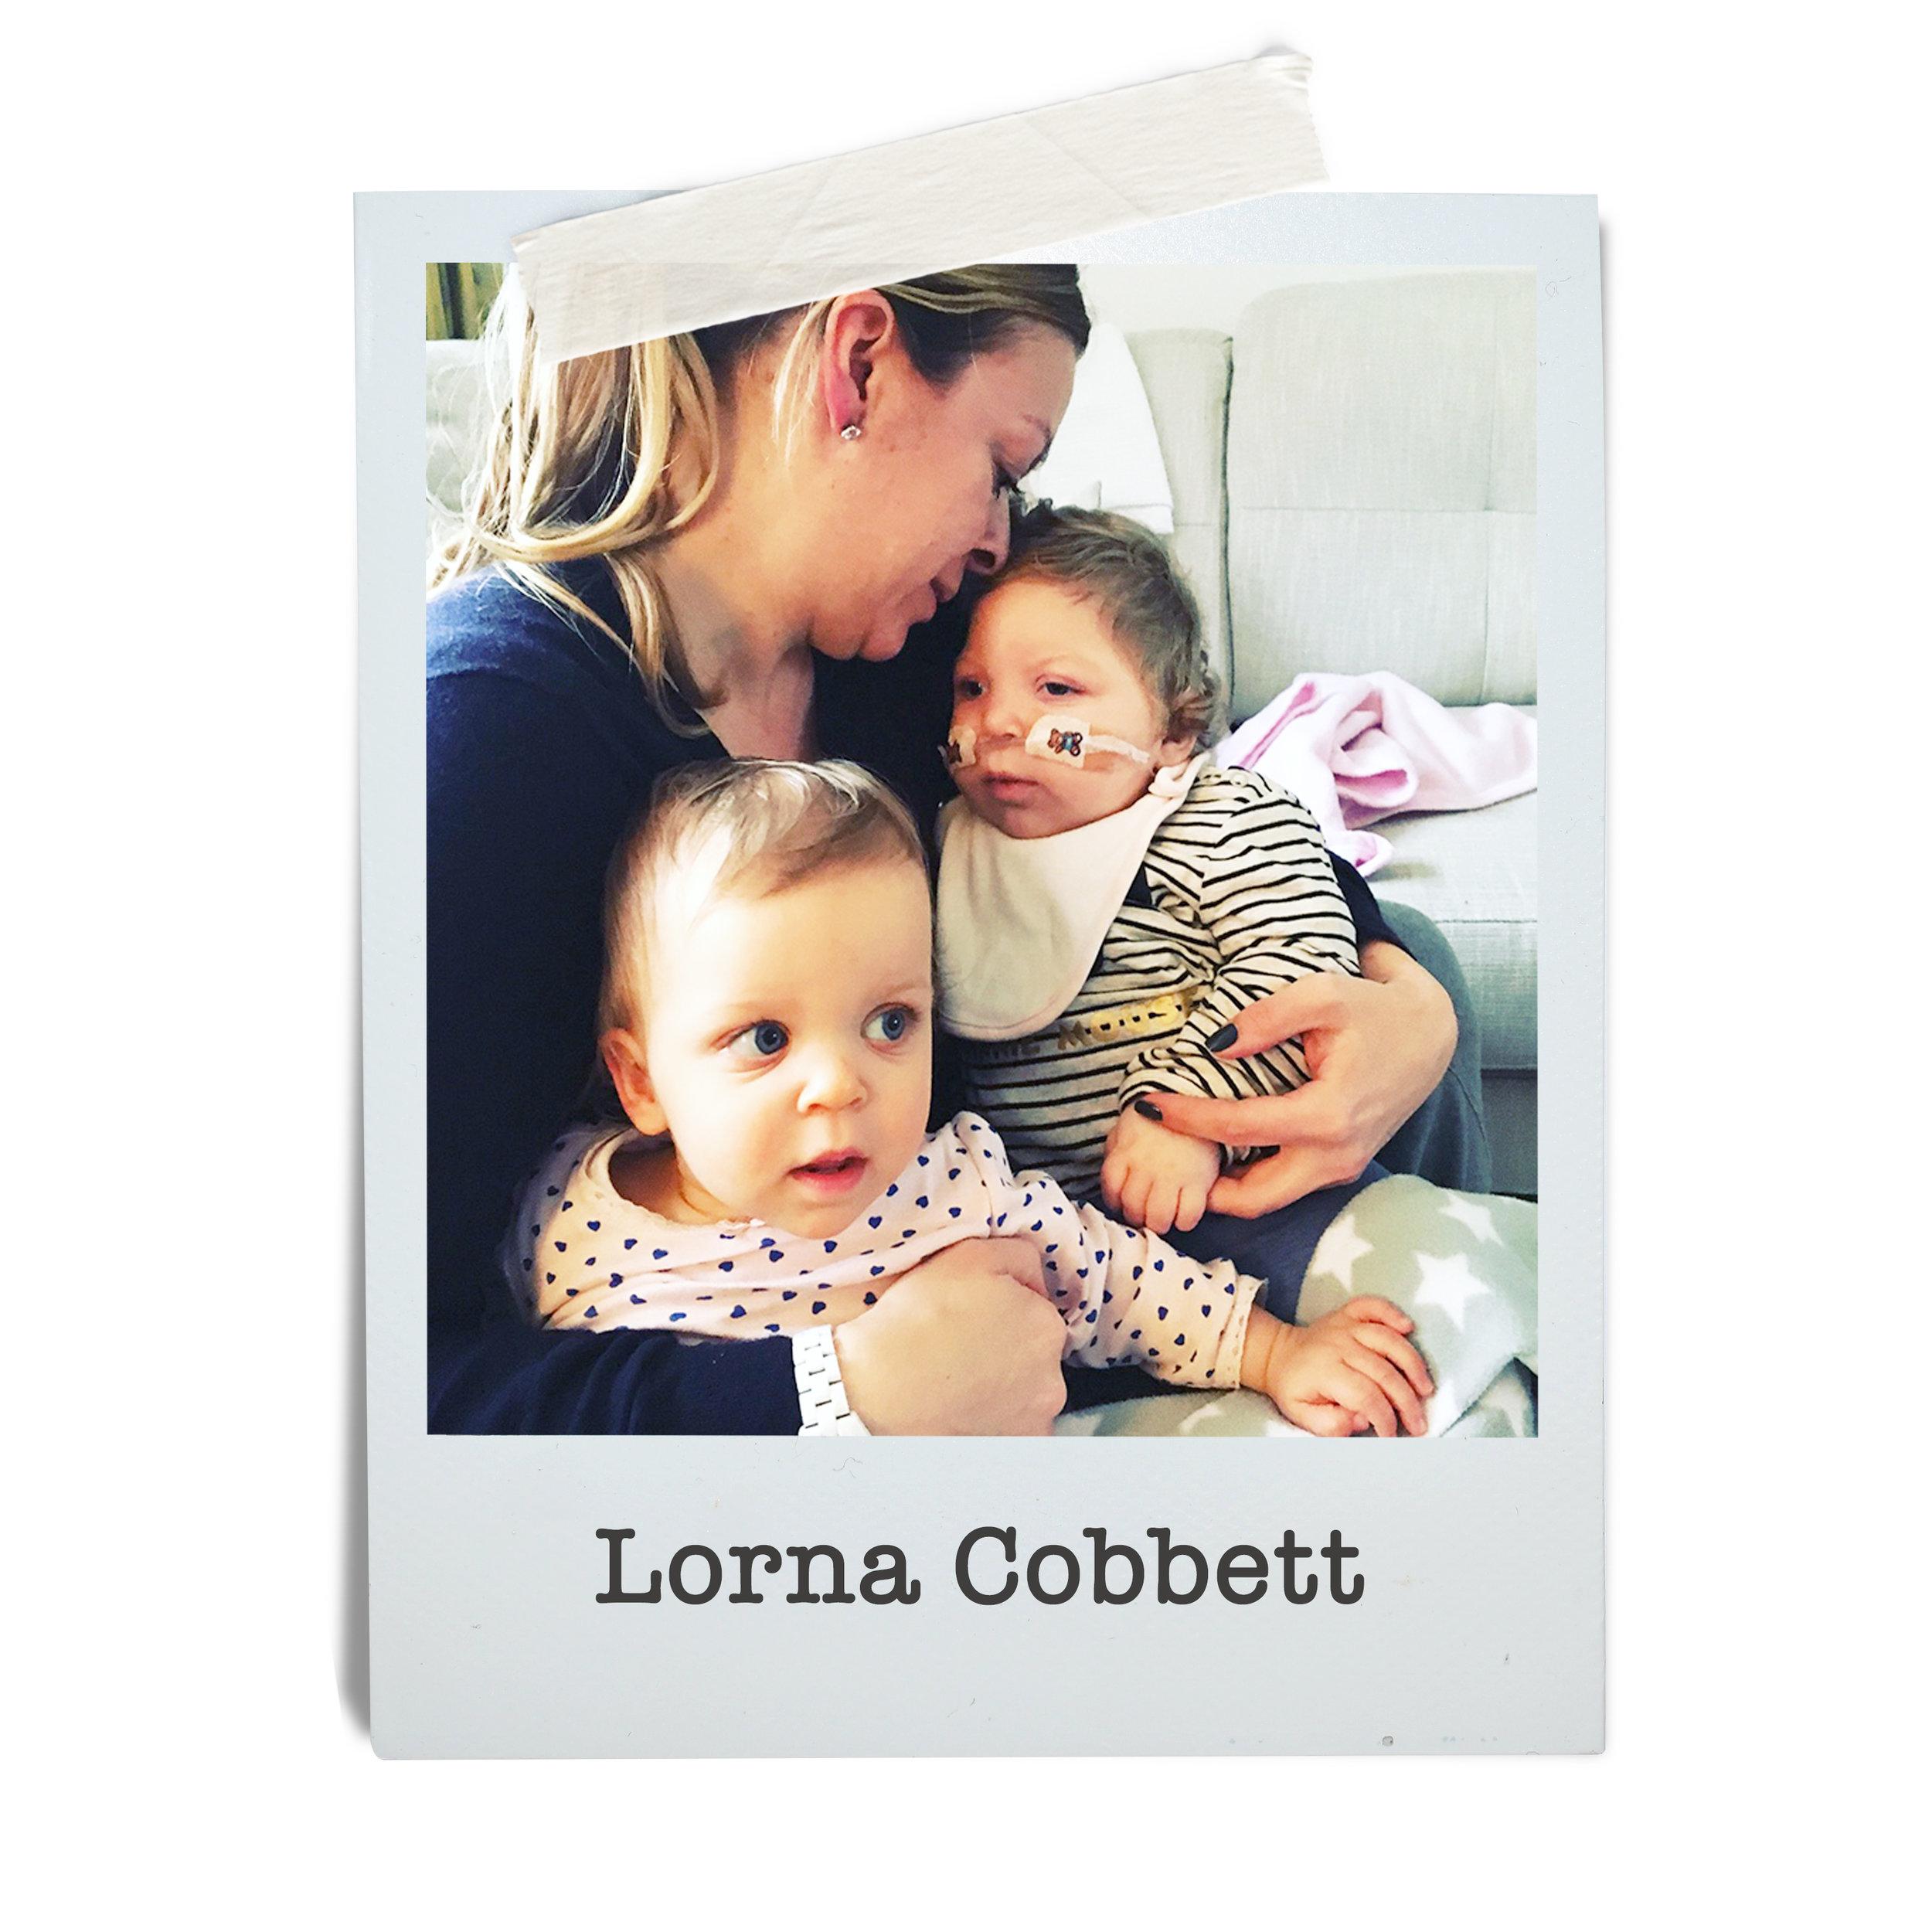 Lorna Cobbett